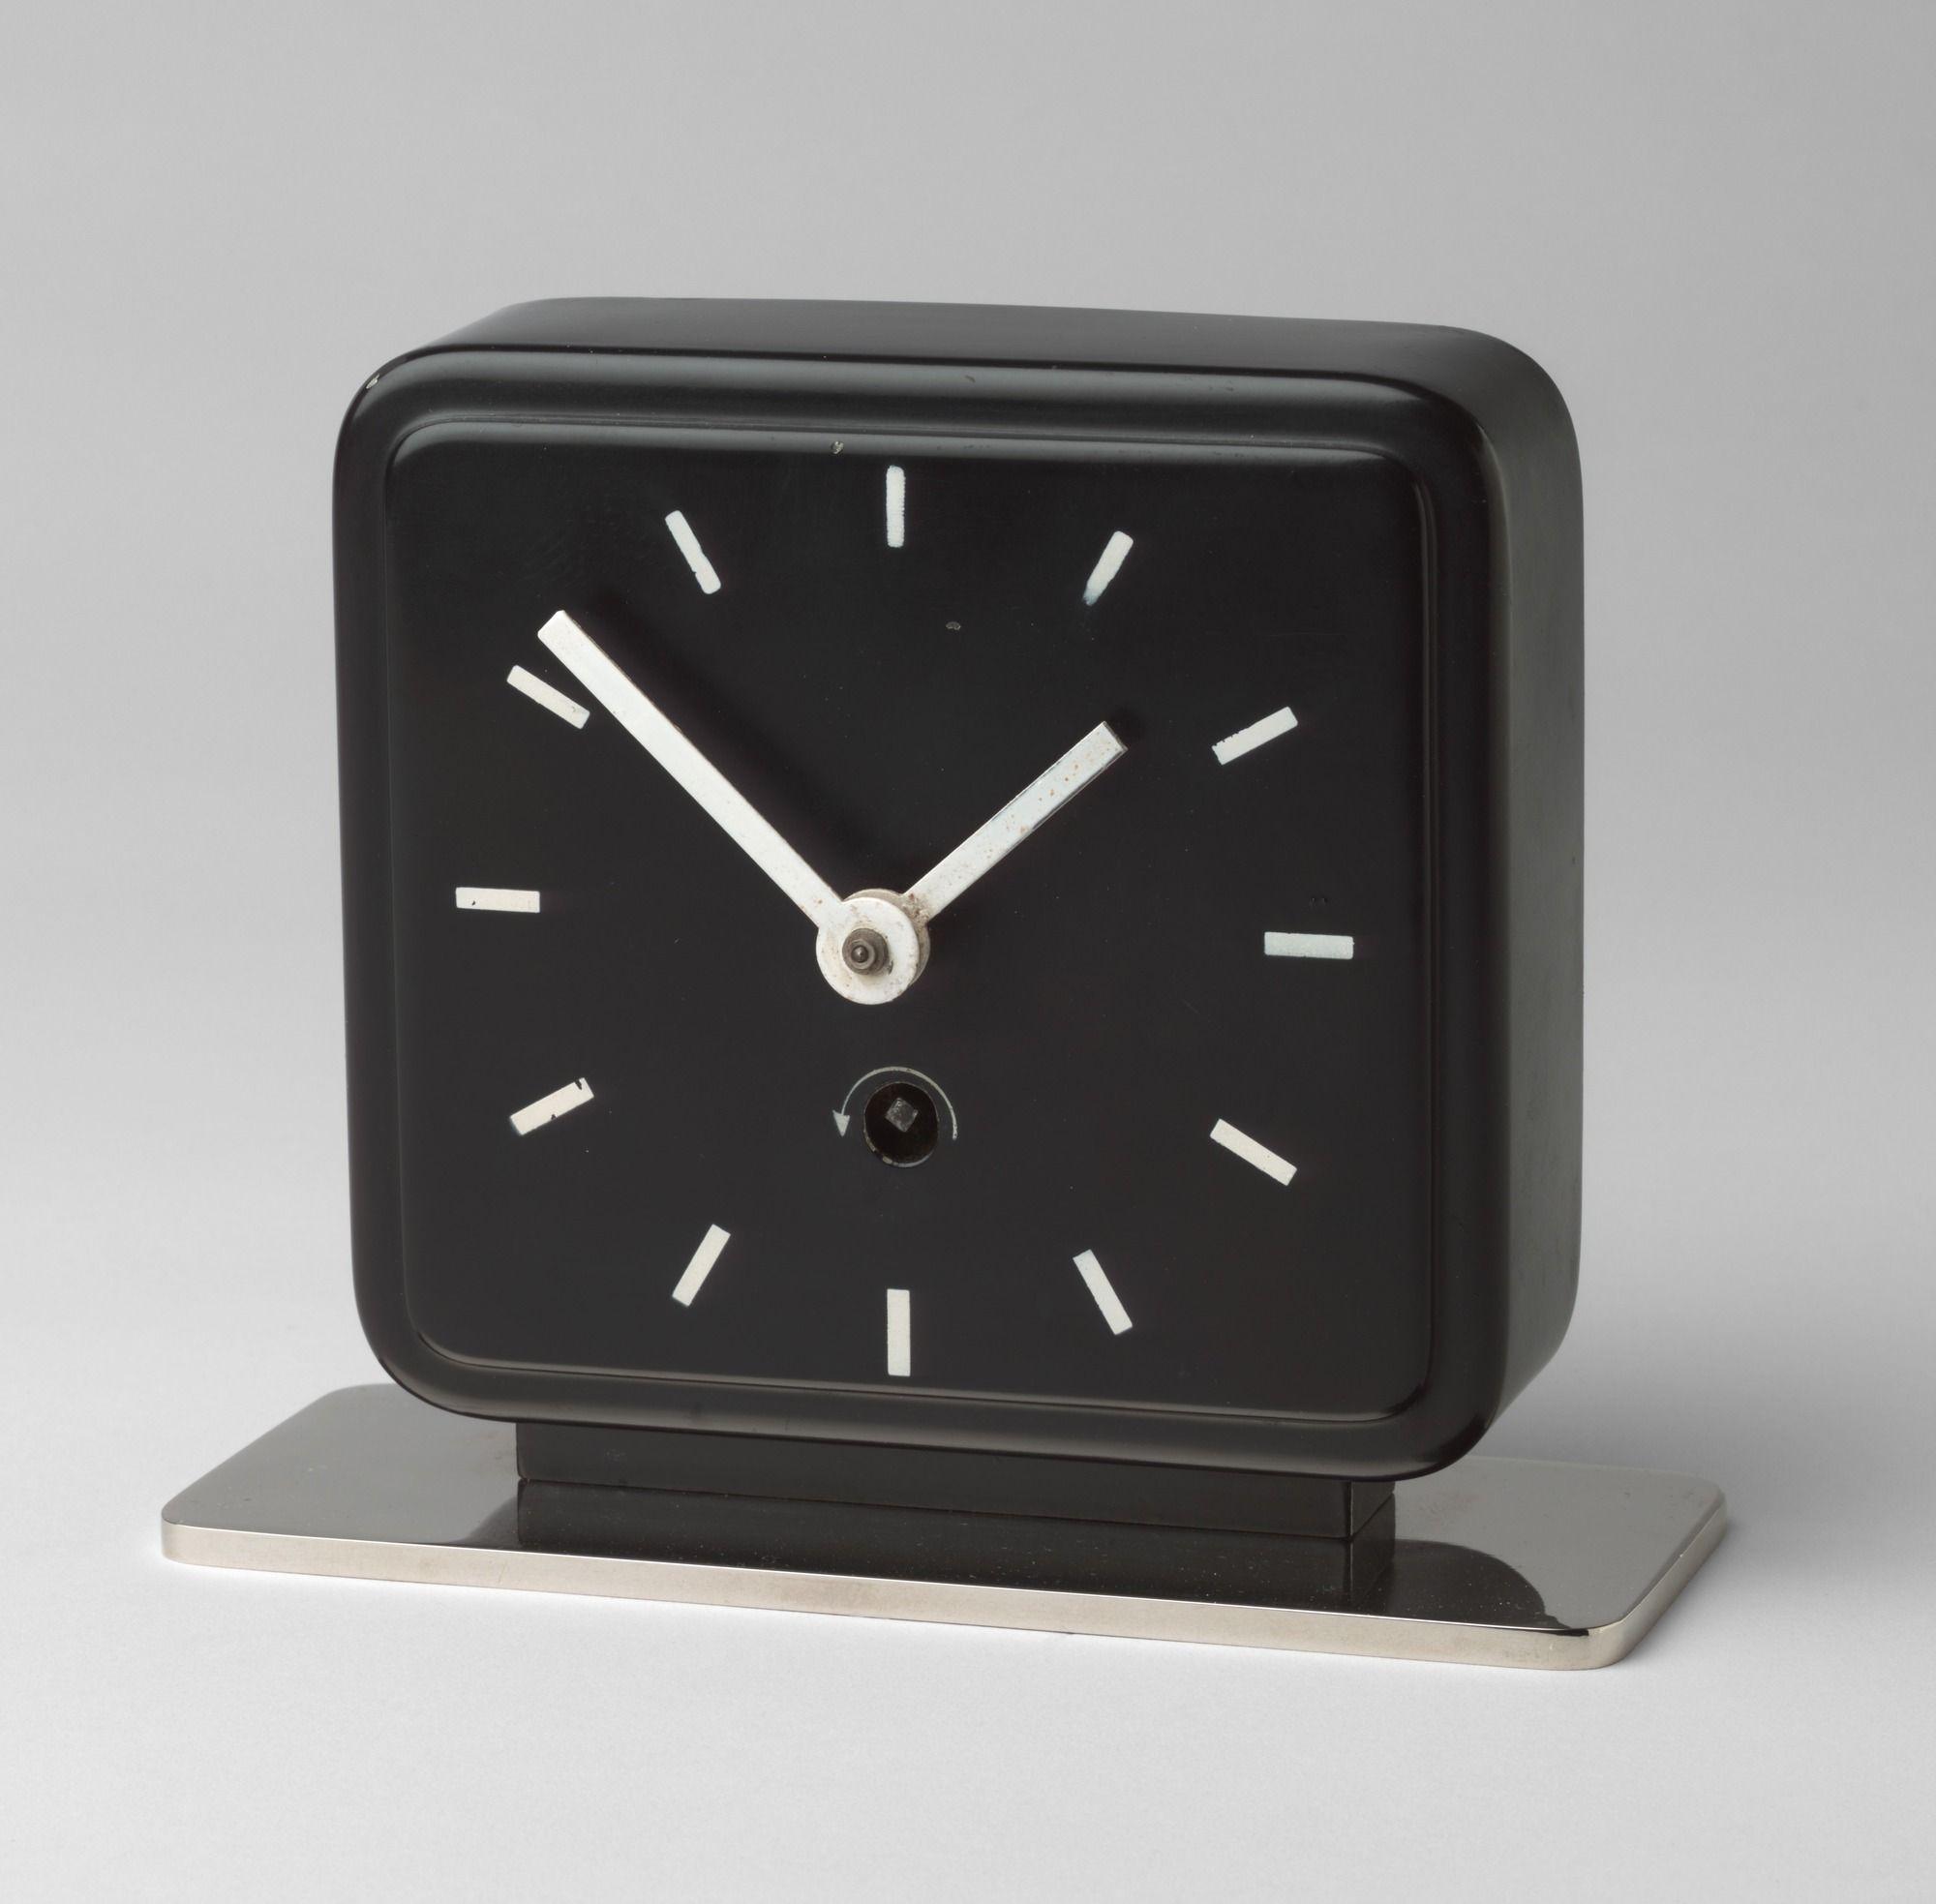 Bauhaus pendant lamp marianne brandt and hans przyrembel 1925 - Marianne Brandt Table Clock C 1930 Ruppelwerk Gmbh Gotha Germany